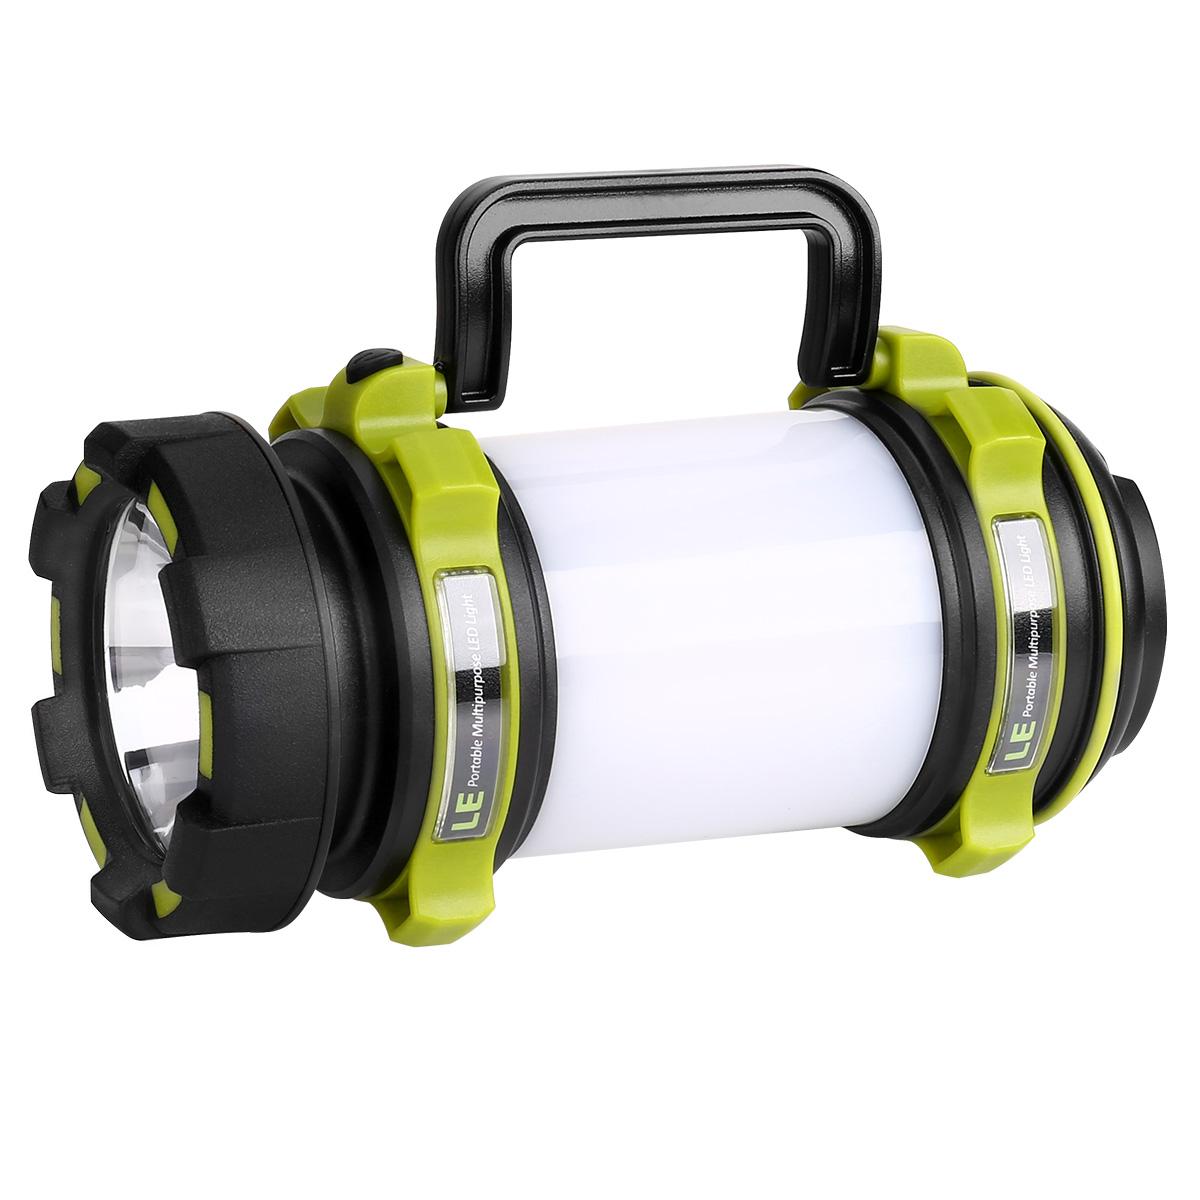 500lm LED Suchscheinwerfer, Handscheinwerfer, Wasserfest, USB aufladbar Campinglaterne, 2600mAh Powerbank Warnlicht, Akku Mehrzwecklampe